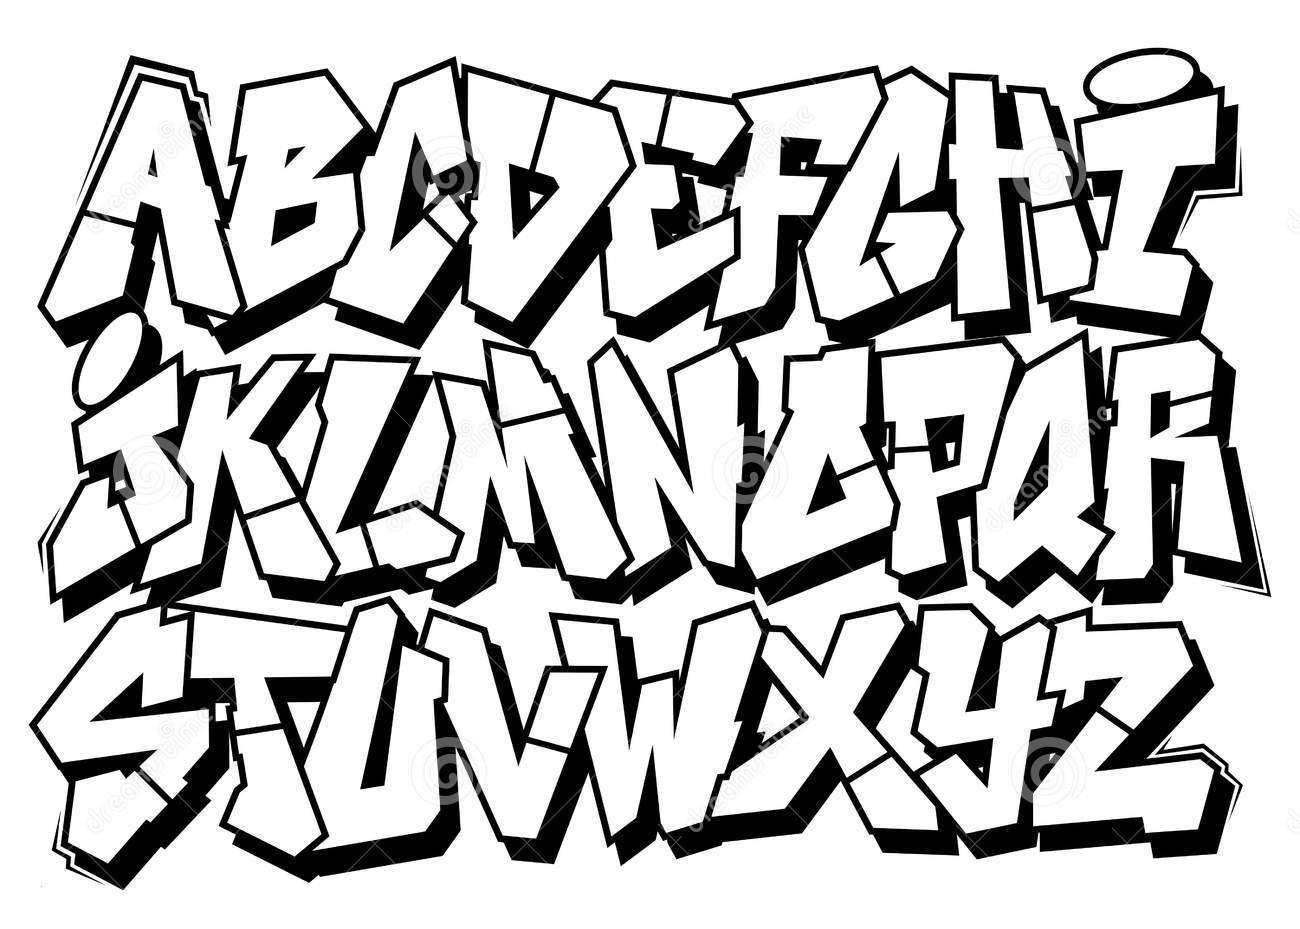 Graffiti Bilder Zum Ausmalen Genial Graffiti Vorlagen Elegant Graffiti Malvorlagen Schön Ausmalbilder Galerie